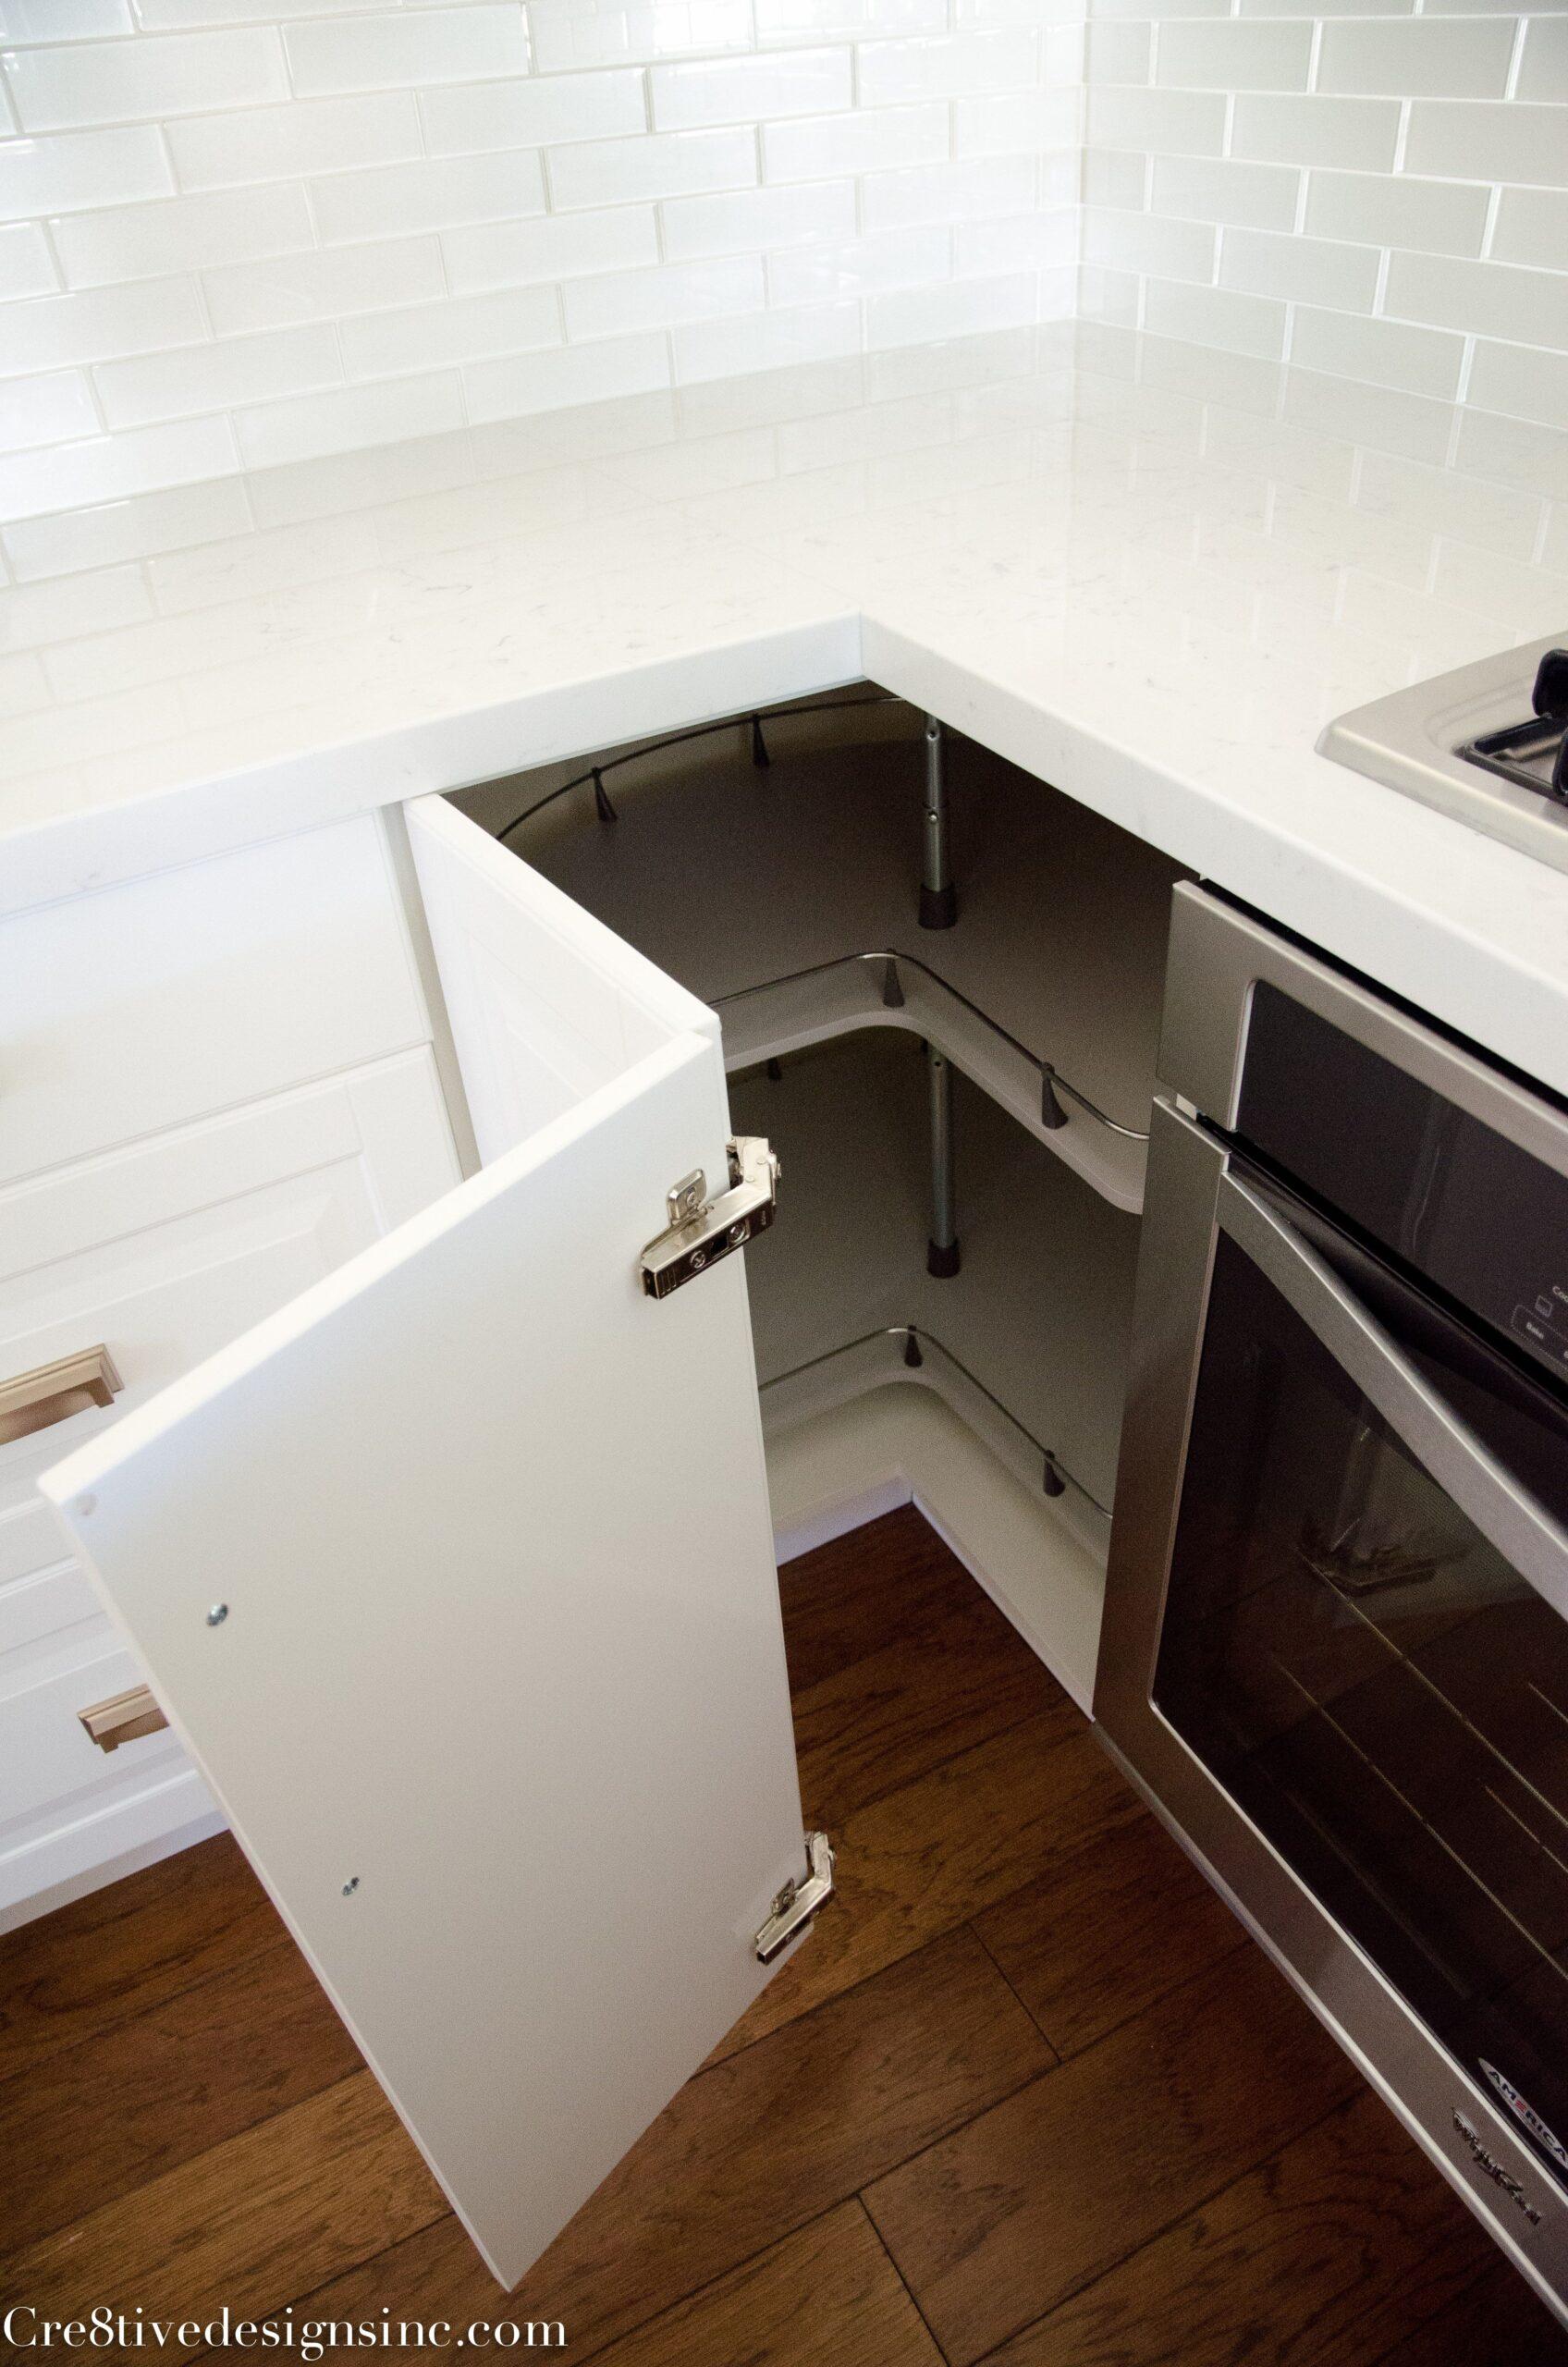 Full Size of Eckschrank Ikea Küche Corner Cabinet Awesome The Kitchen Completed Cre8tive Designs Sitzbank Industrial U Form Möbelgriffe Kaufen Mit Elektrogeräten Kleiner Wohnzimmer Eckschrank Ikea Küche